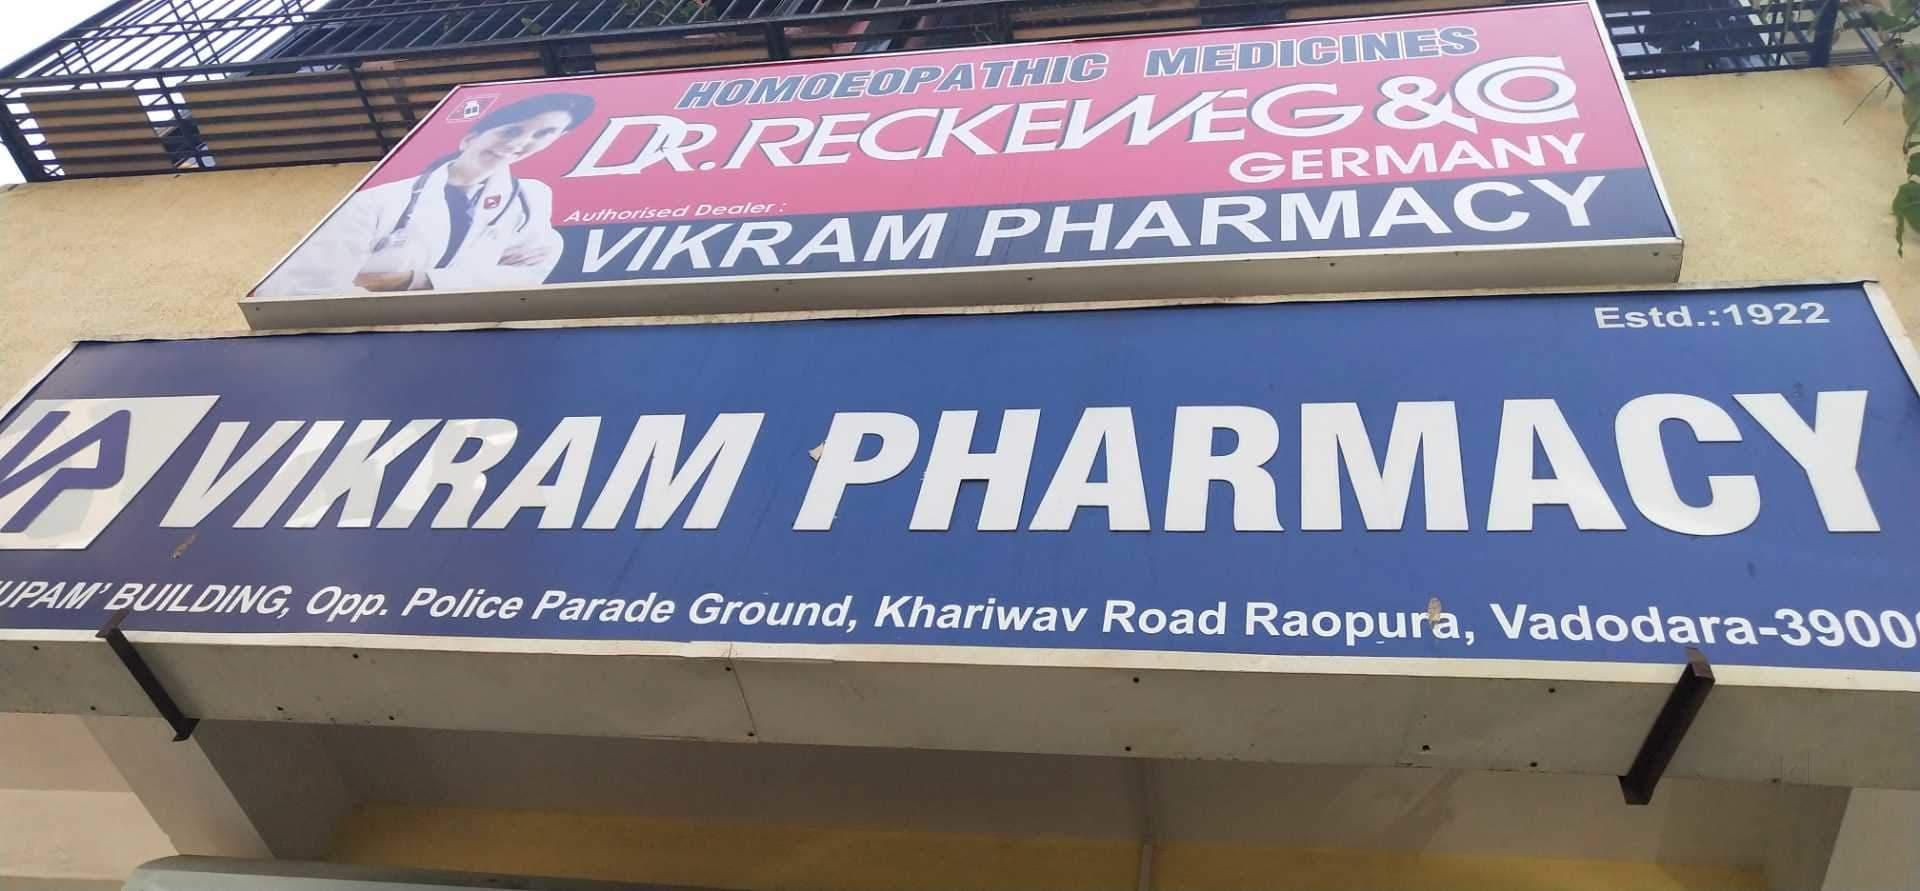 Top Dr Reckeweg Homeopathic Medicine Retailers in Vadodara